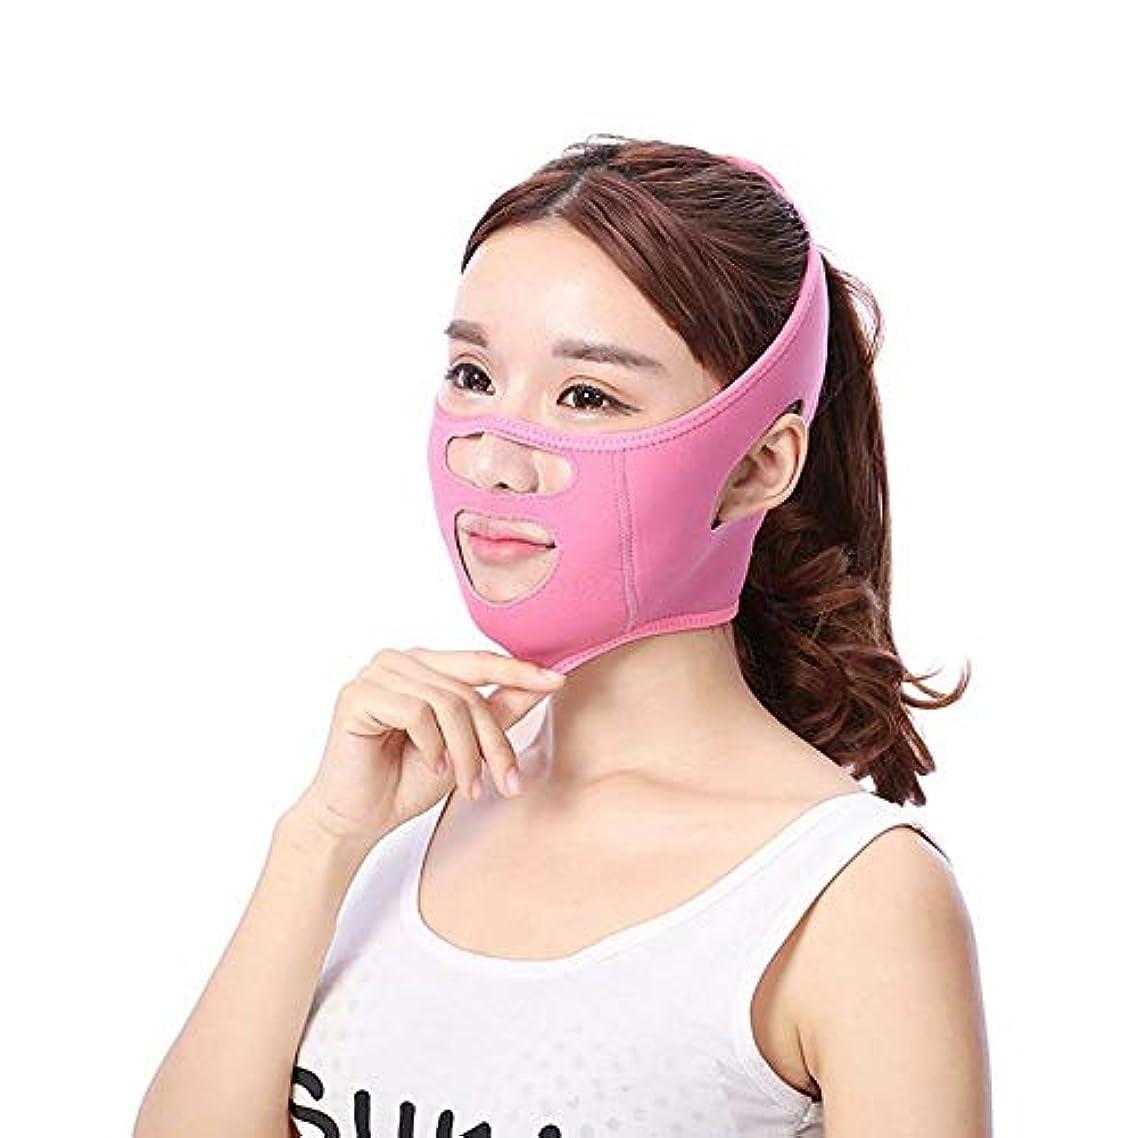 高揚した類人猿くちばしJia Jia- シンフェイスアーティファクトリフティング引き締めフェイス睡眠包帯フェイシャルリフティングアンチ垂れ下がり法律パターンステッカー8ワード口角 - ピンク 顔面包帯